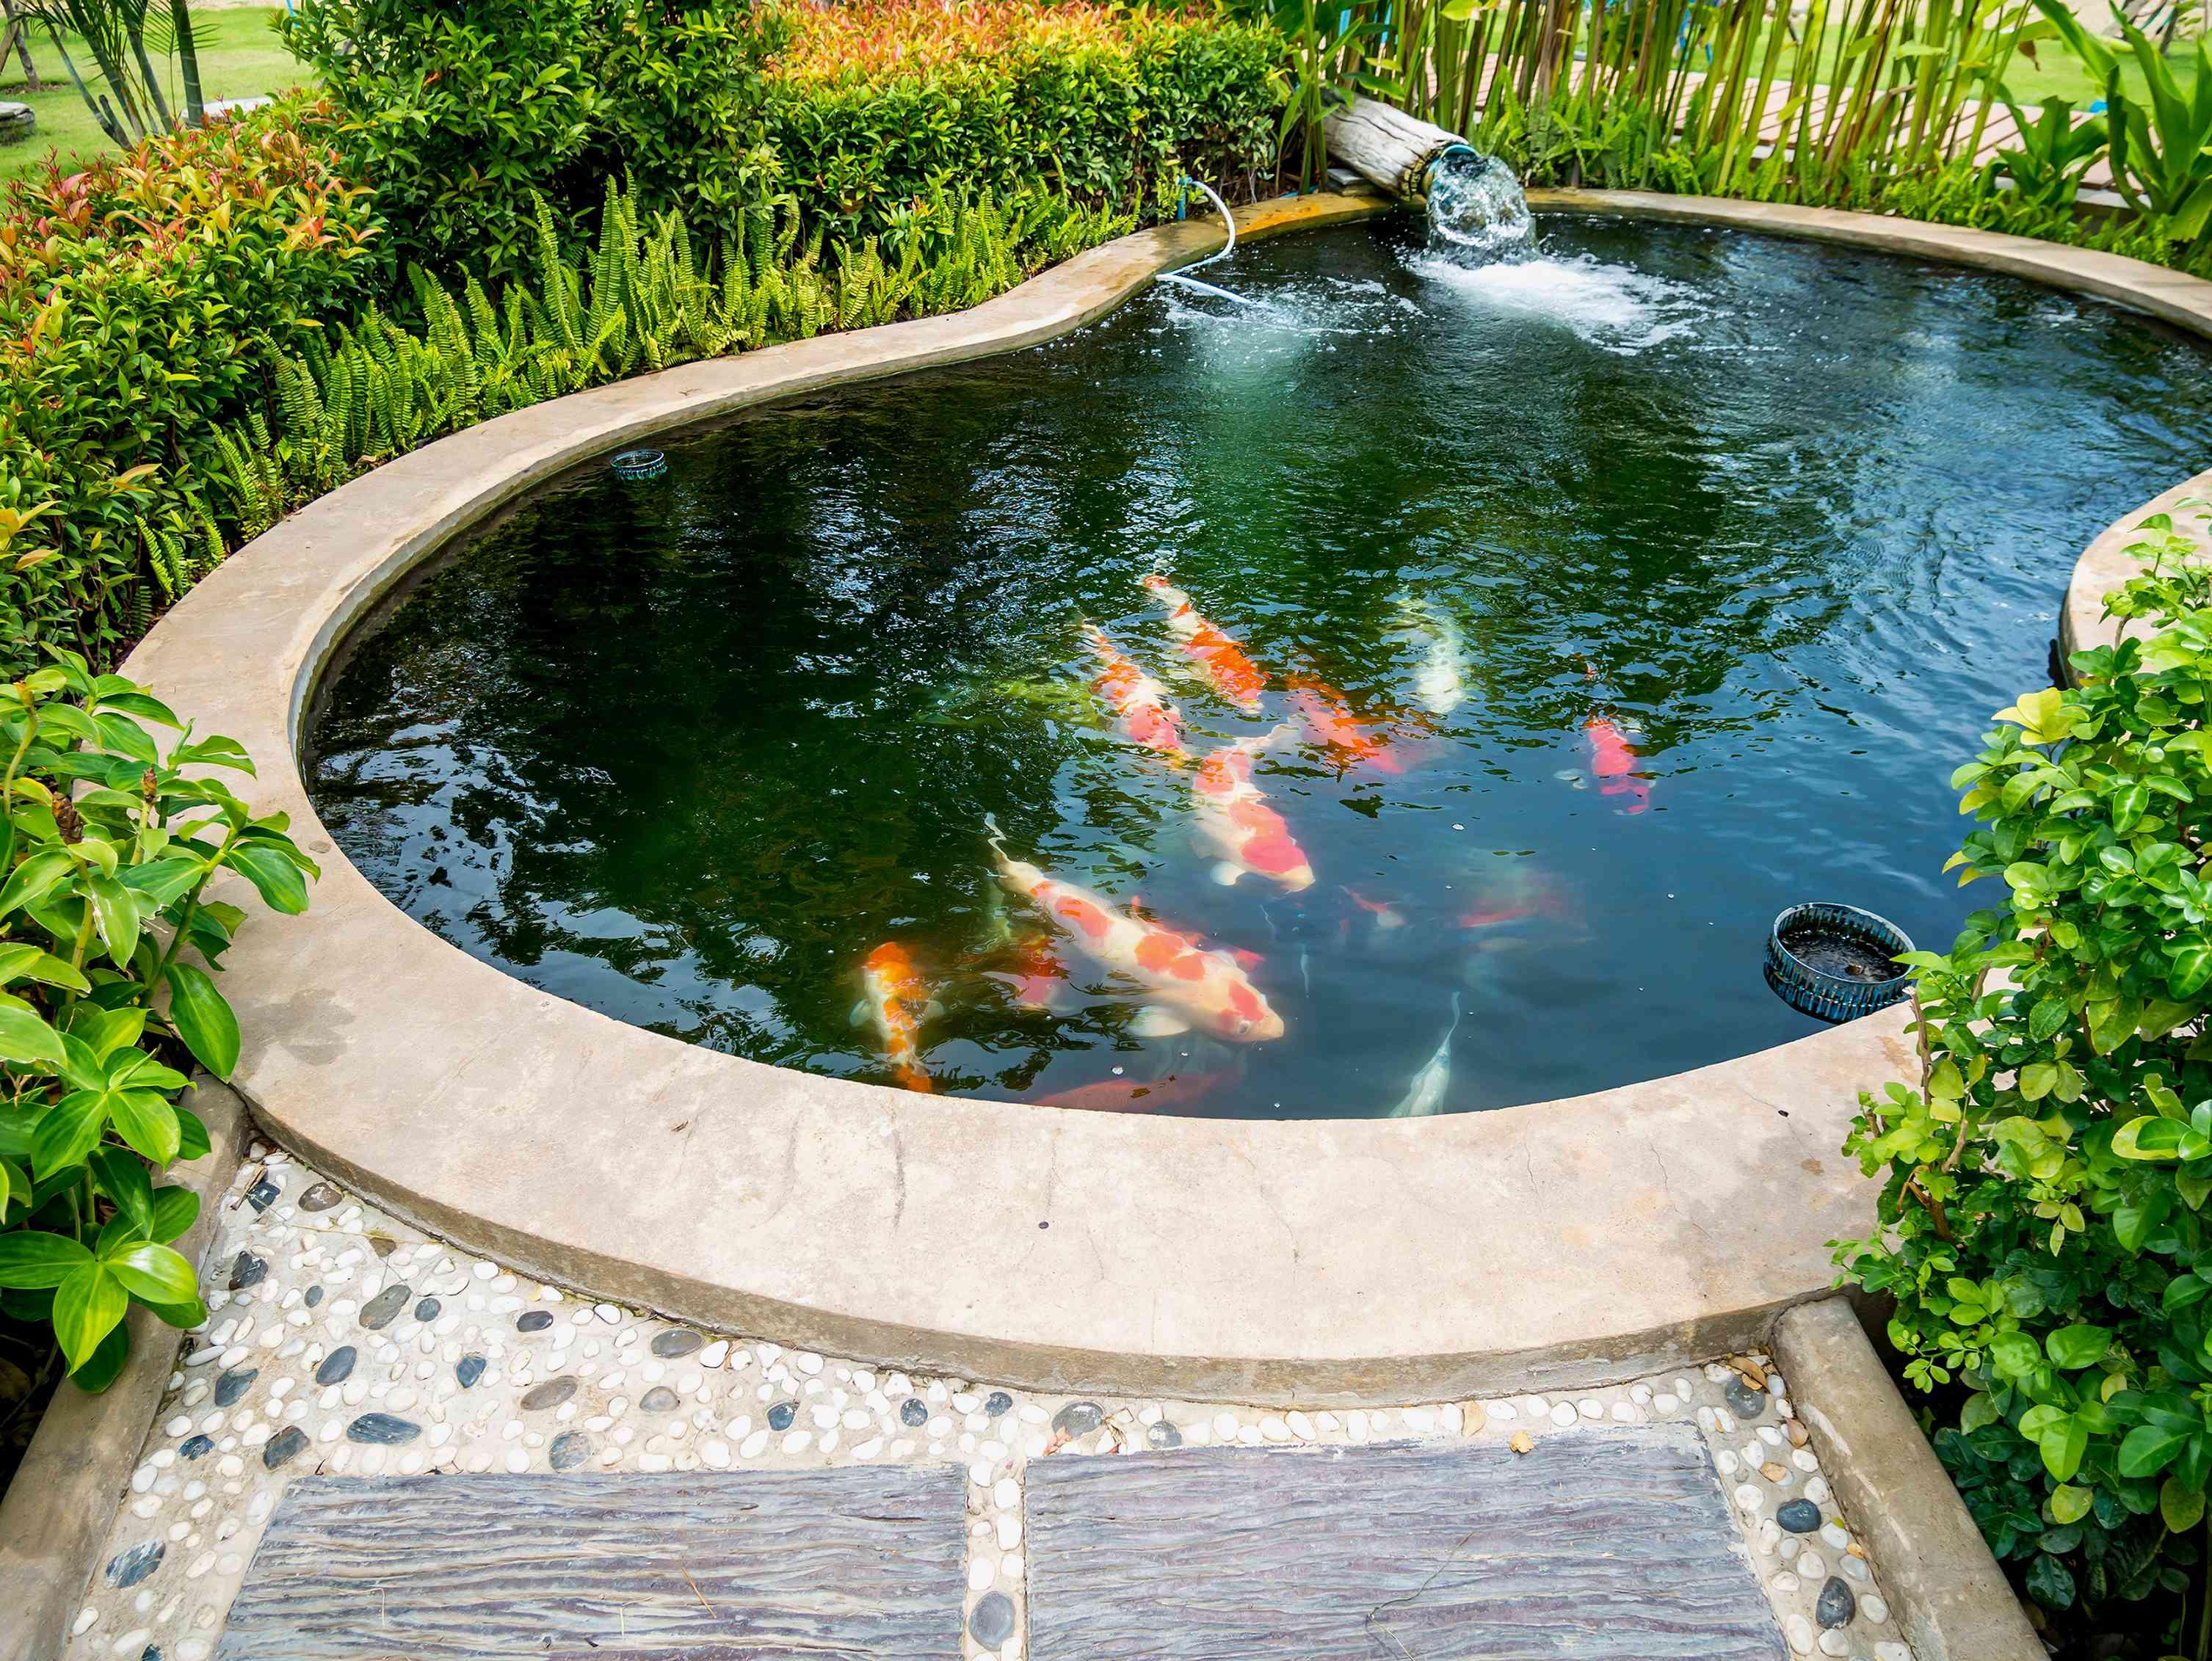 A bean-shaped koi pond.